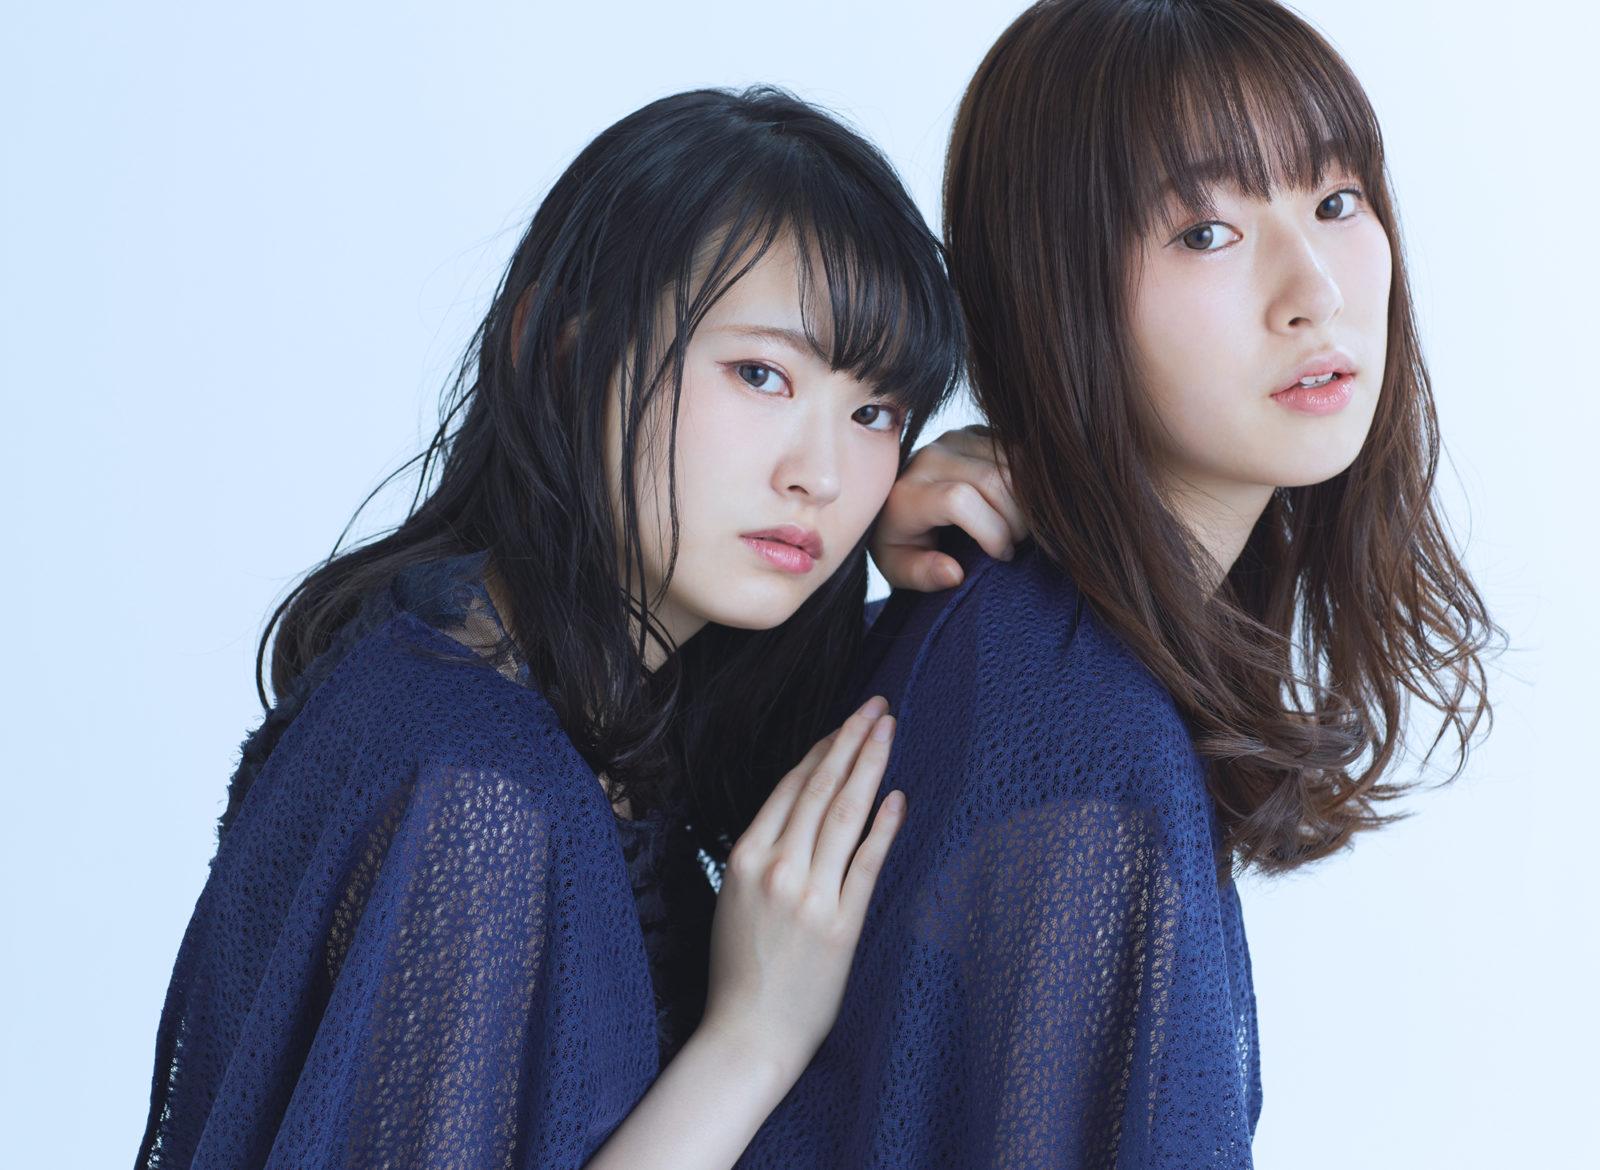 Gothic×Luckの新曲「桜てのひら」ジャケット&最新ビジュアル解禁サムネイル画像